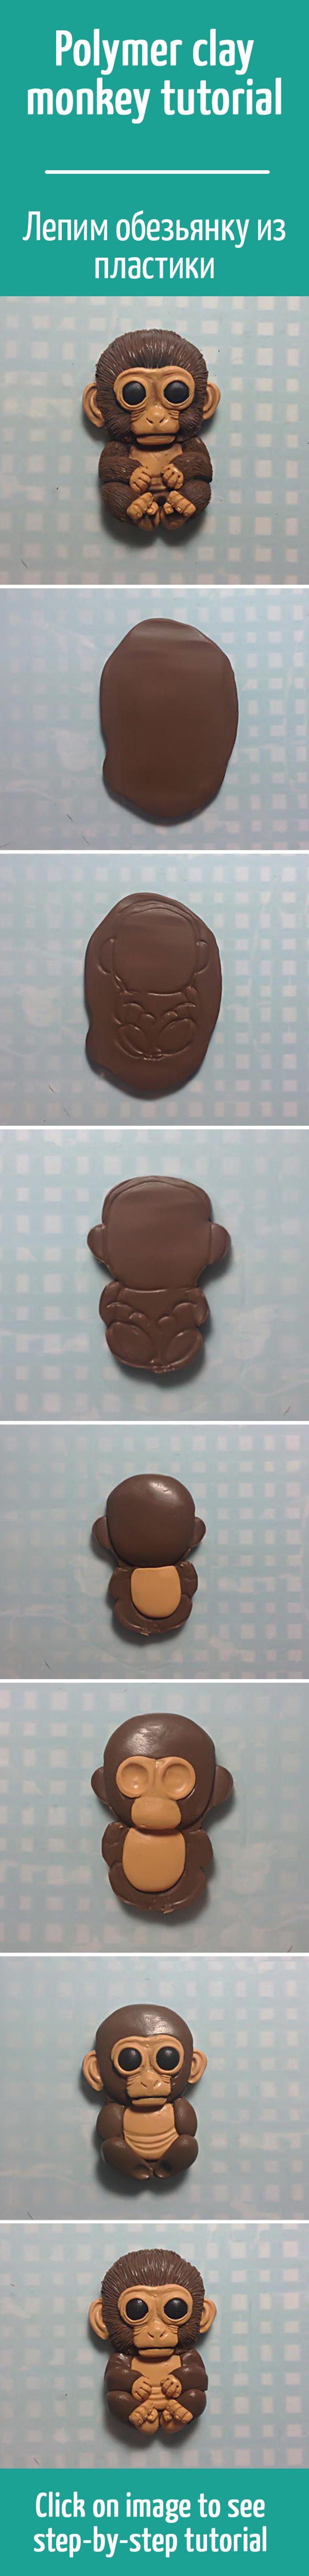 Лепим симпатичную обезьянку из полимерной глины /Polymer clay monkey tutorial